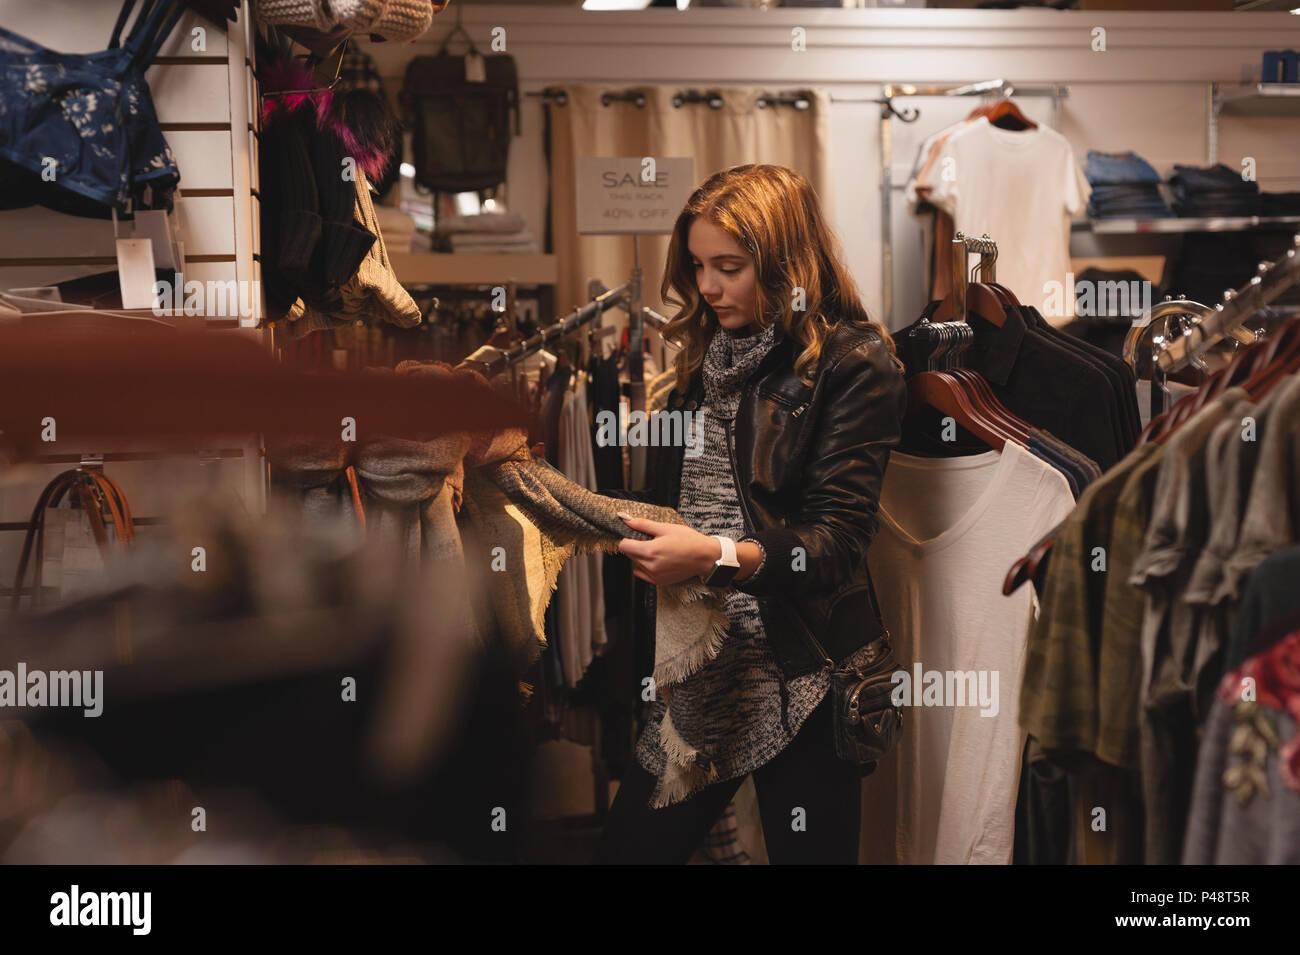 Bella mujer tiendas de ropa Imagen De Stock